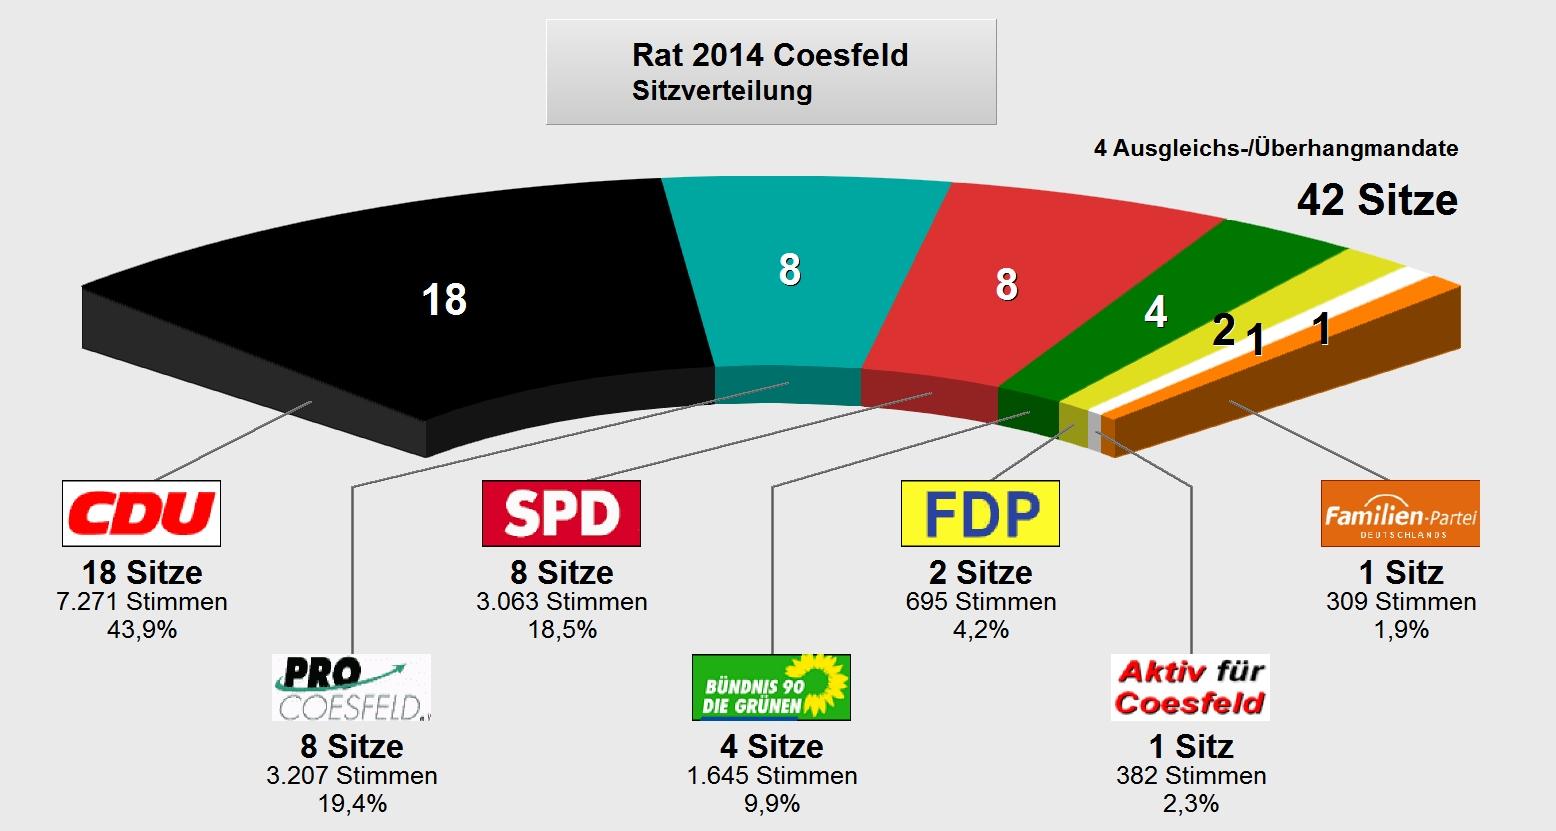 Sitzverteilung im Rat der Stadt Coesfeld